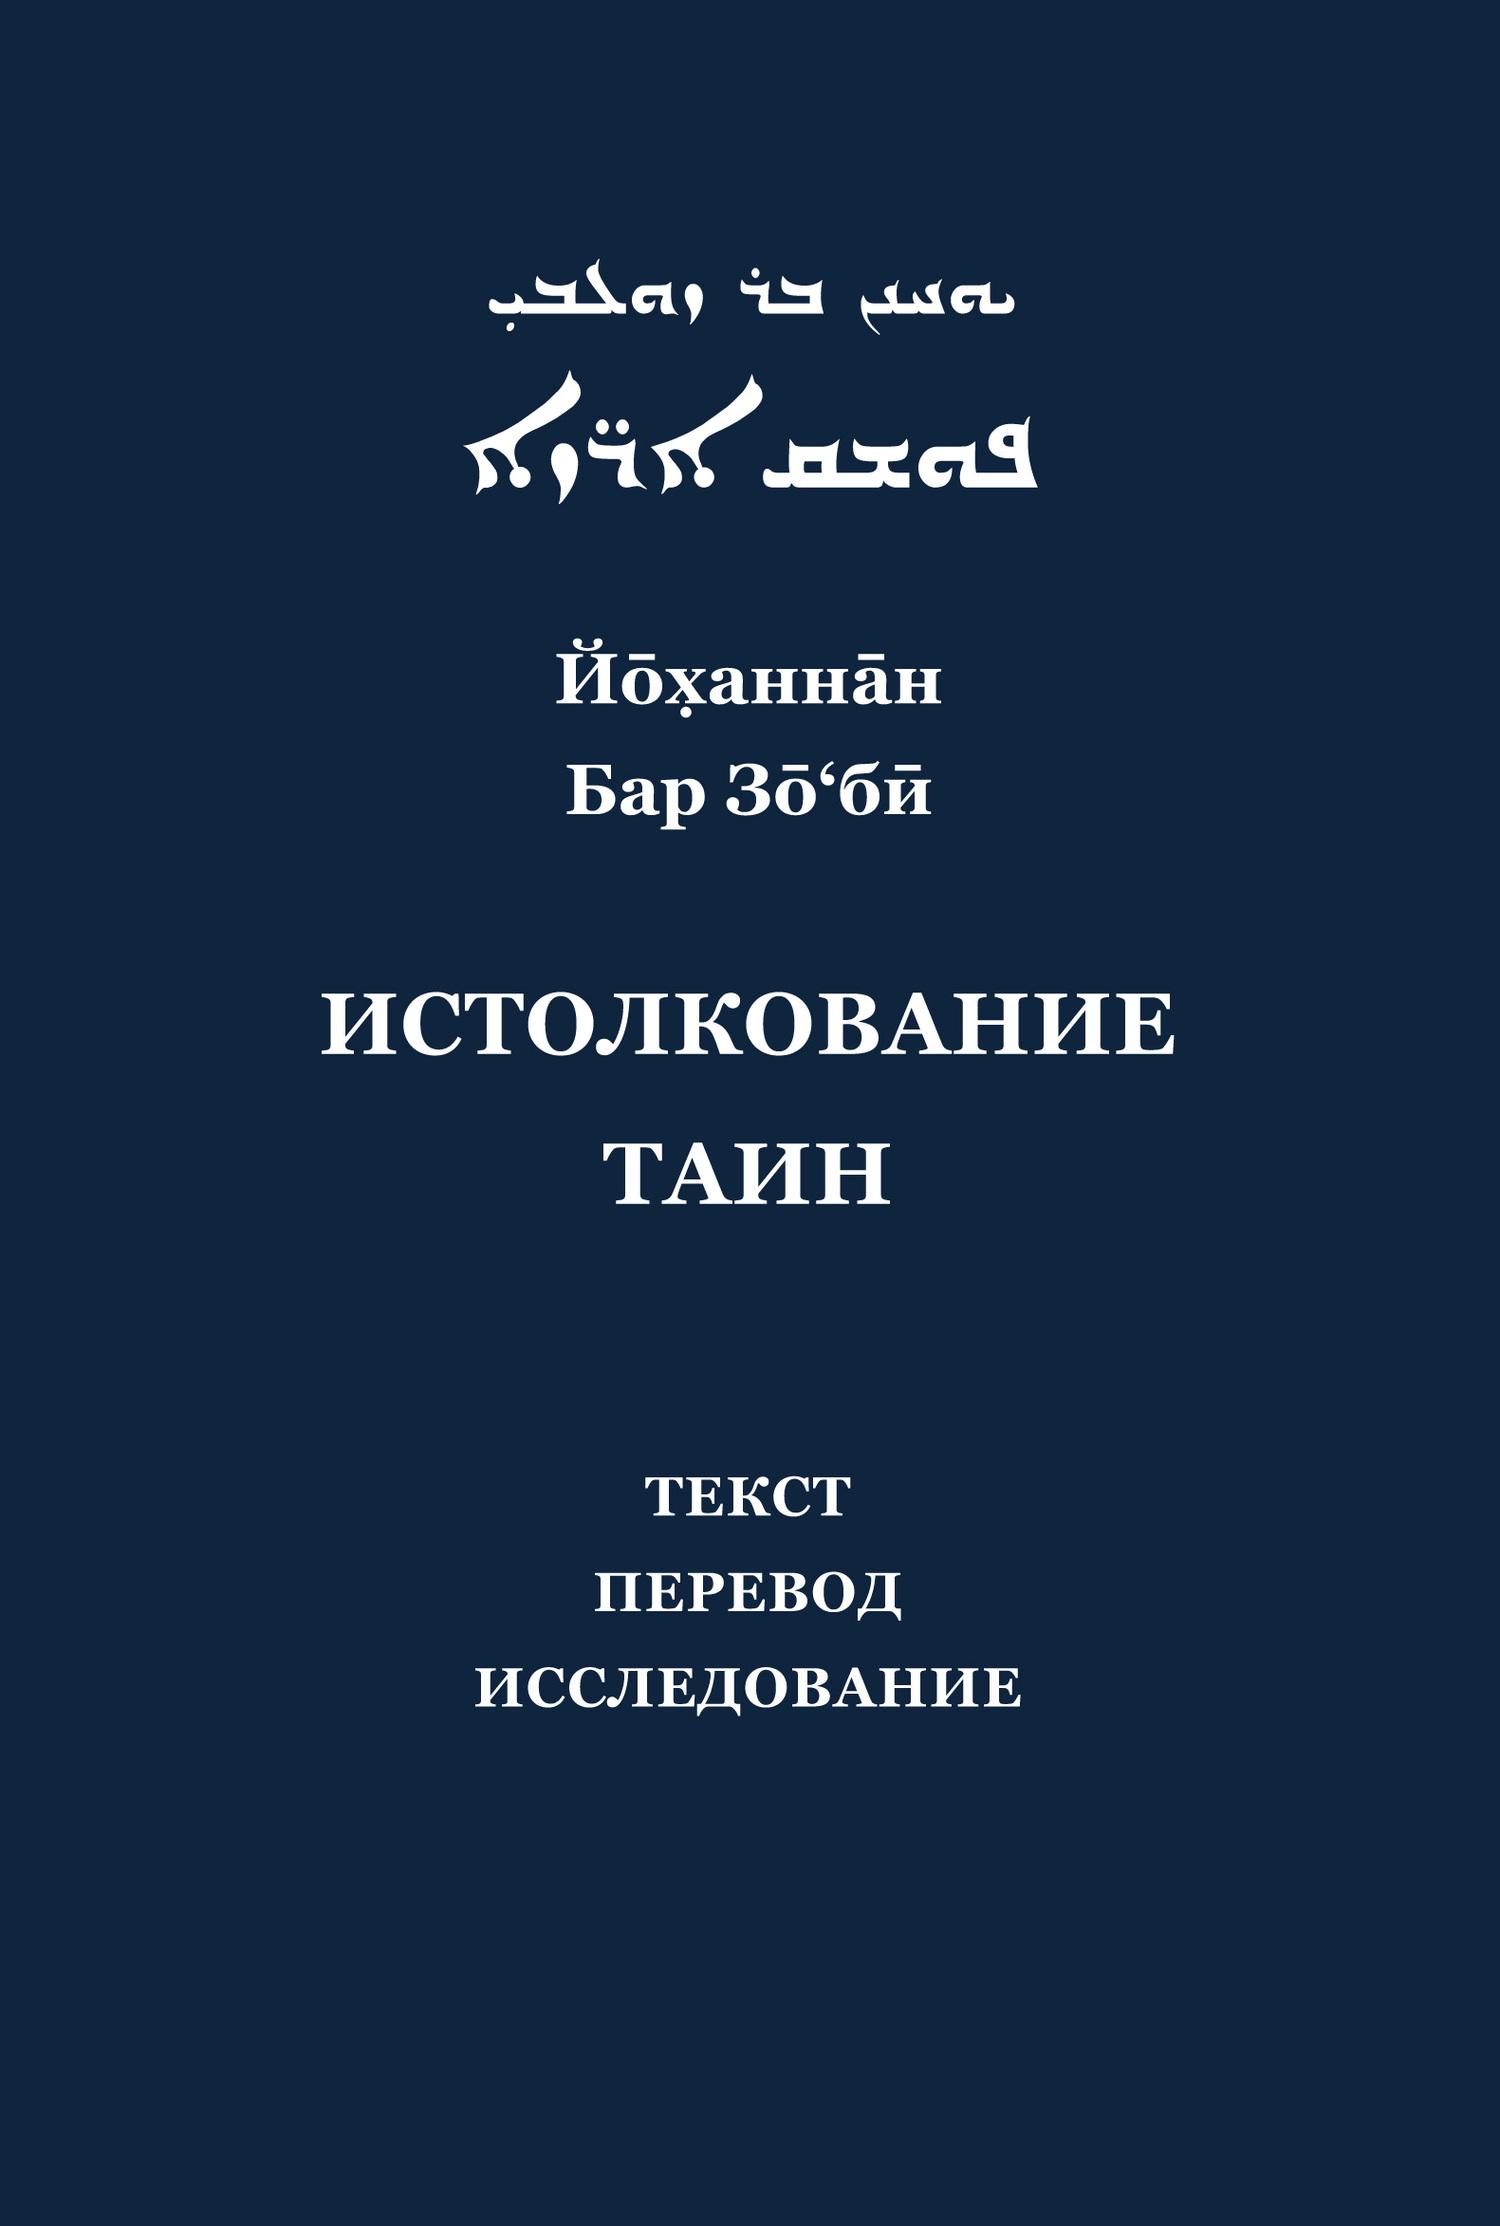 Н. Н. Селезнев. Йоханнан Бар Зо'би и его «Истолкование таин». Критический текст, перевод, исследование